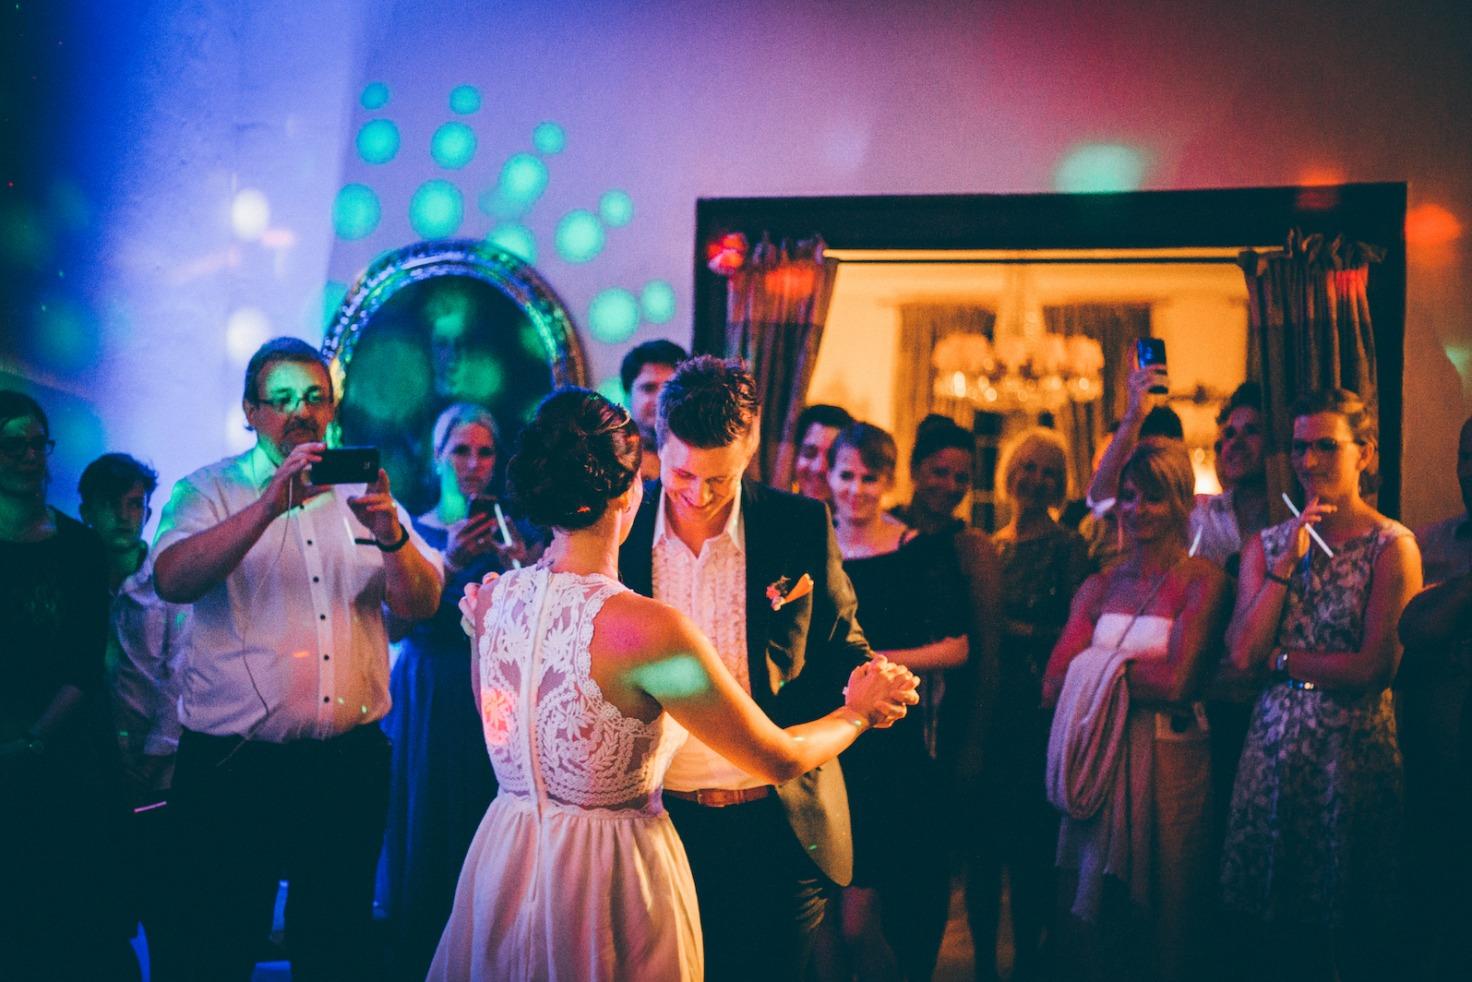 Hochzeit von Tine und Phillip in Münster: Brautpaar tanzt vor den Gästen